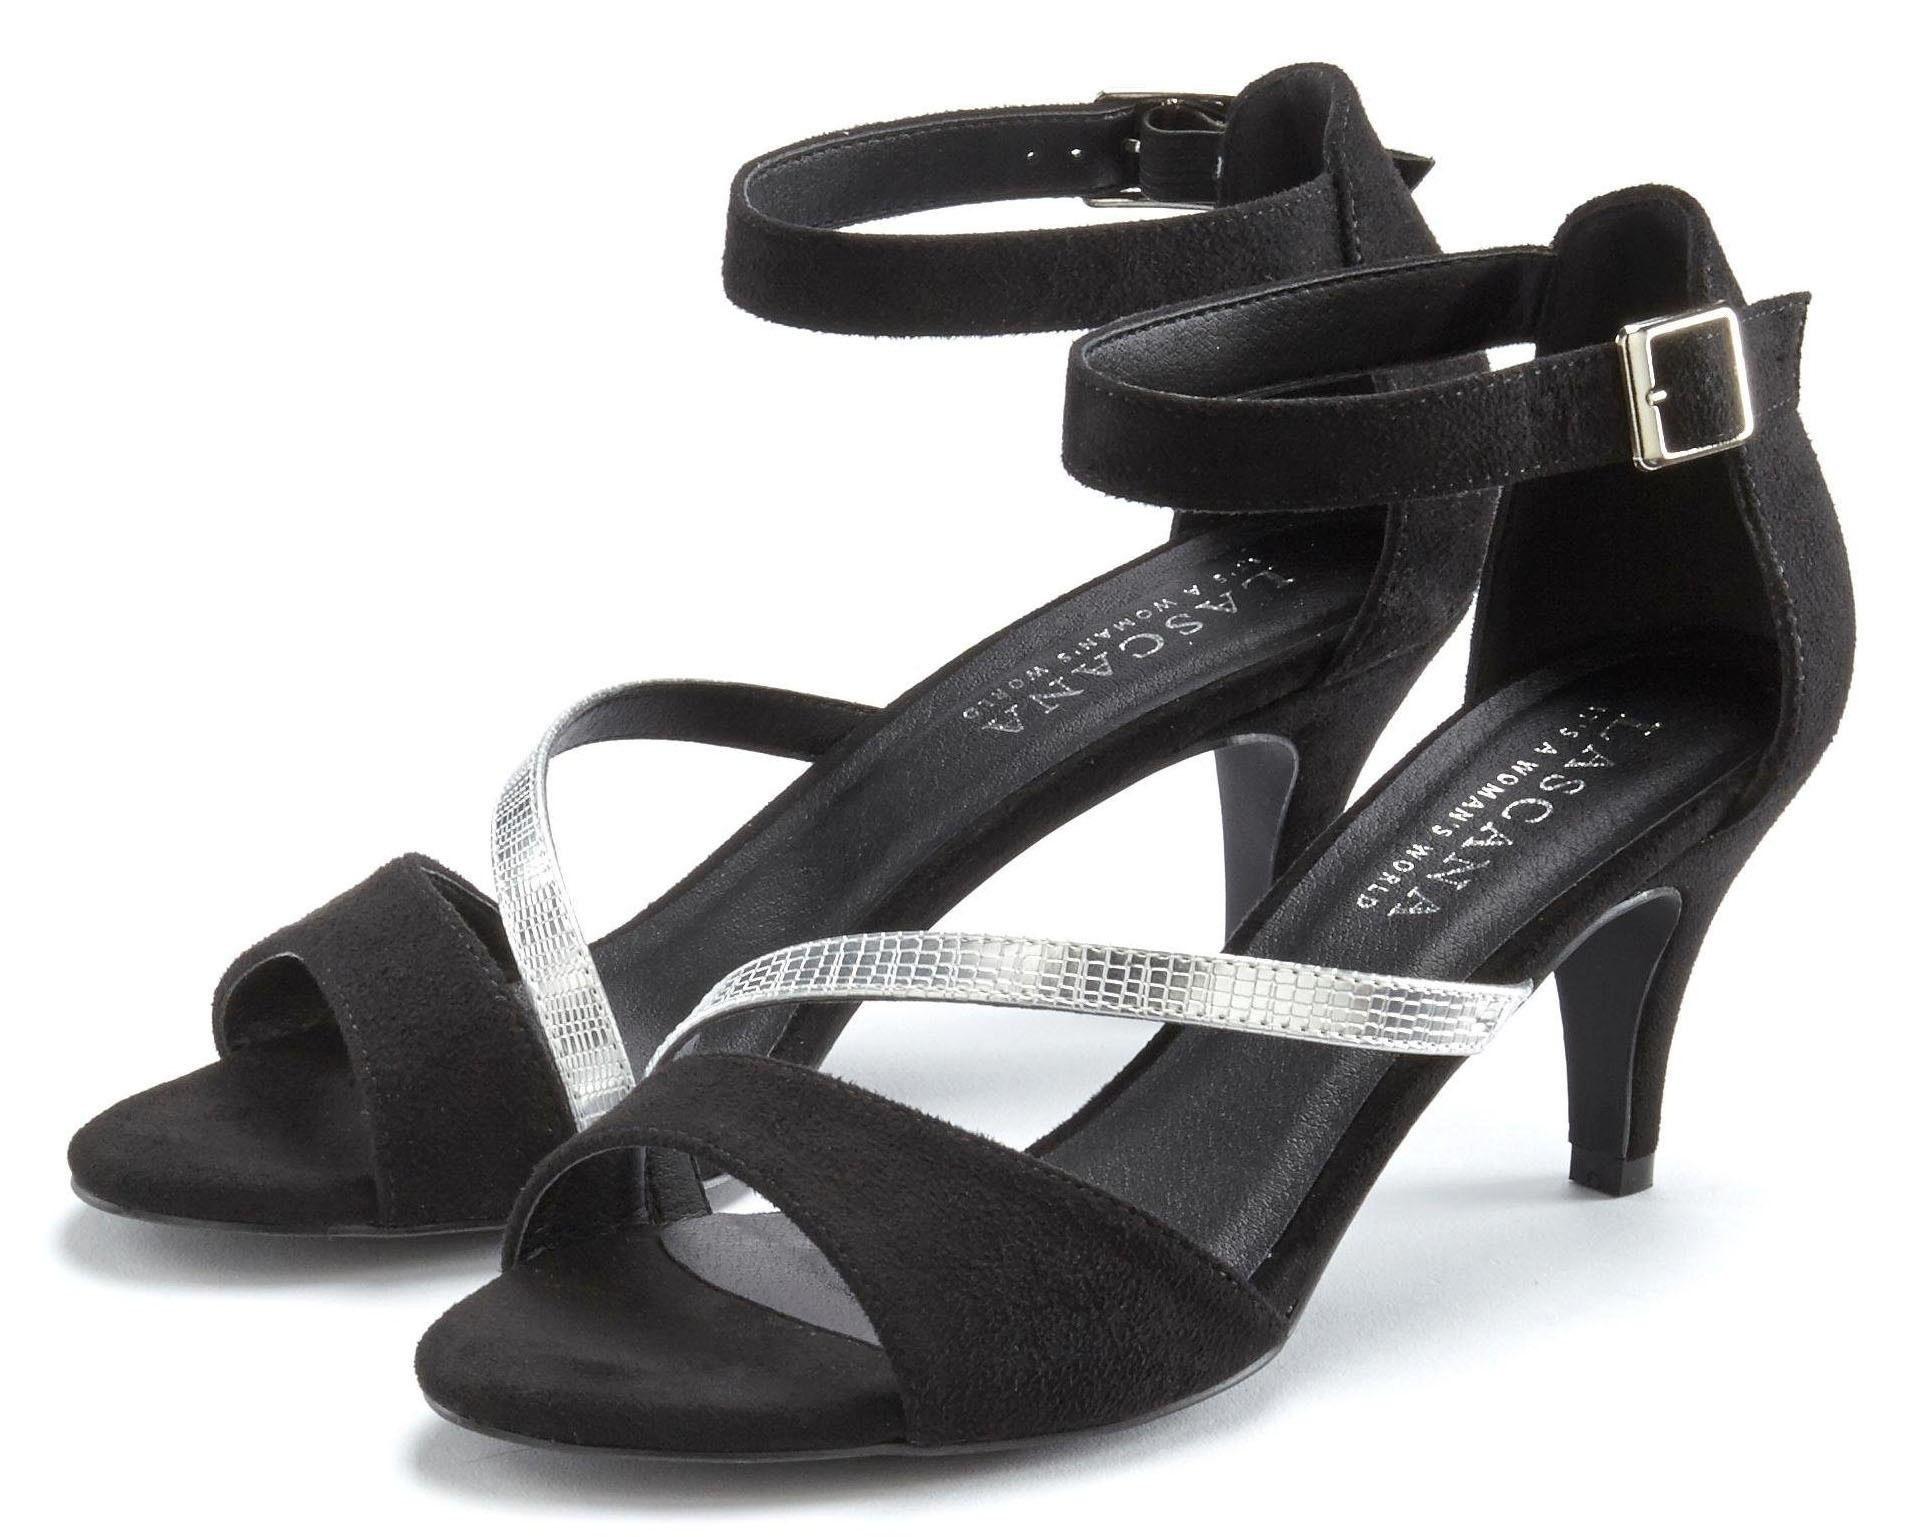 Riemen Metallic Lascana Mit KaufenOtto Sandalette OXiTwPkuZ